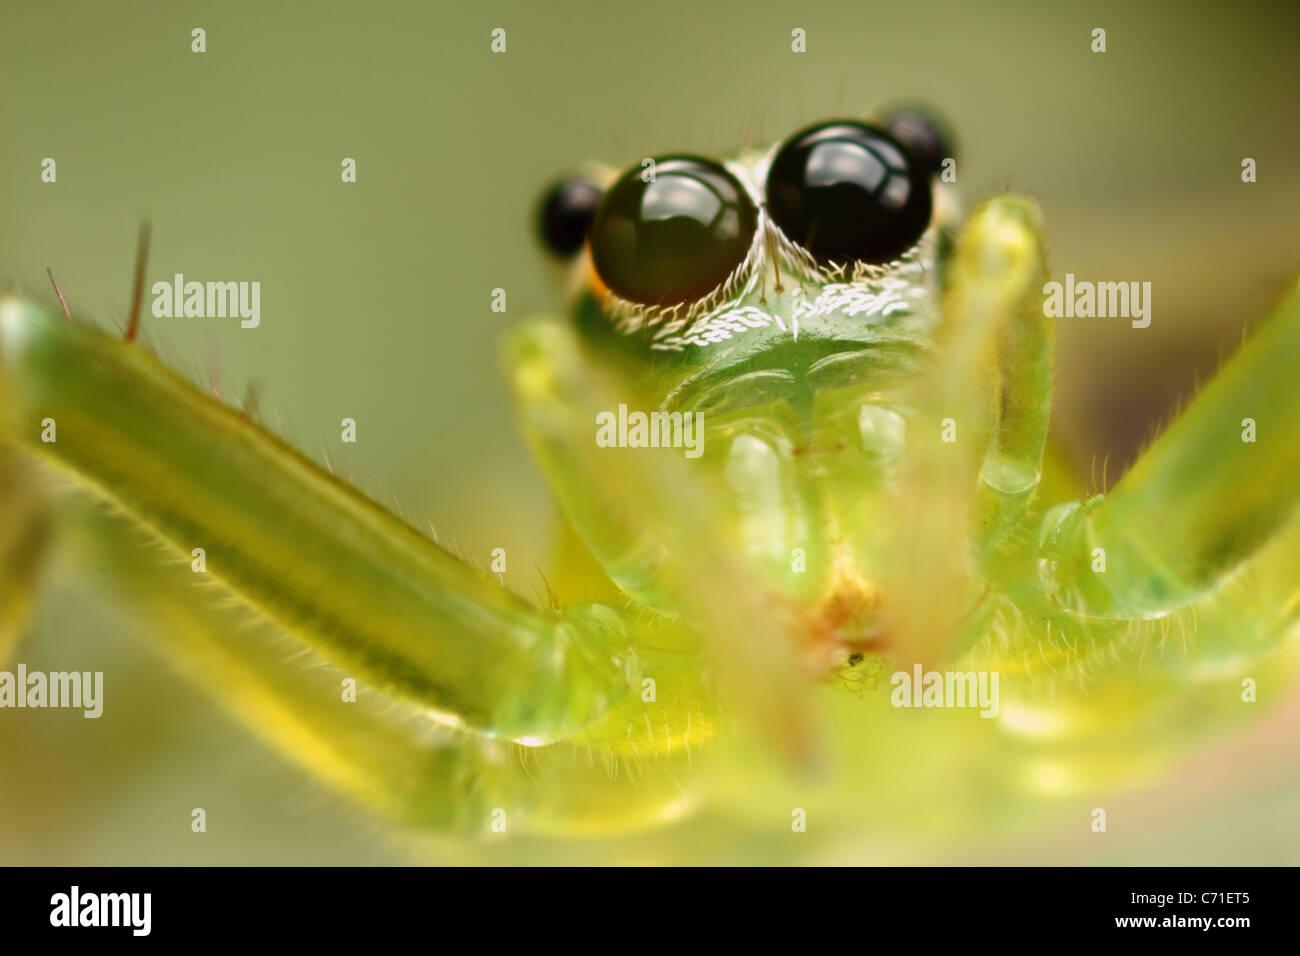 La fotografía es una araña de puente transparente de color verde en el momento de saltar. Imagen De Stock